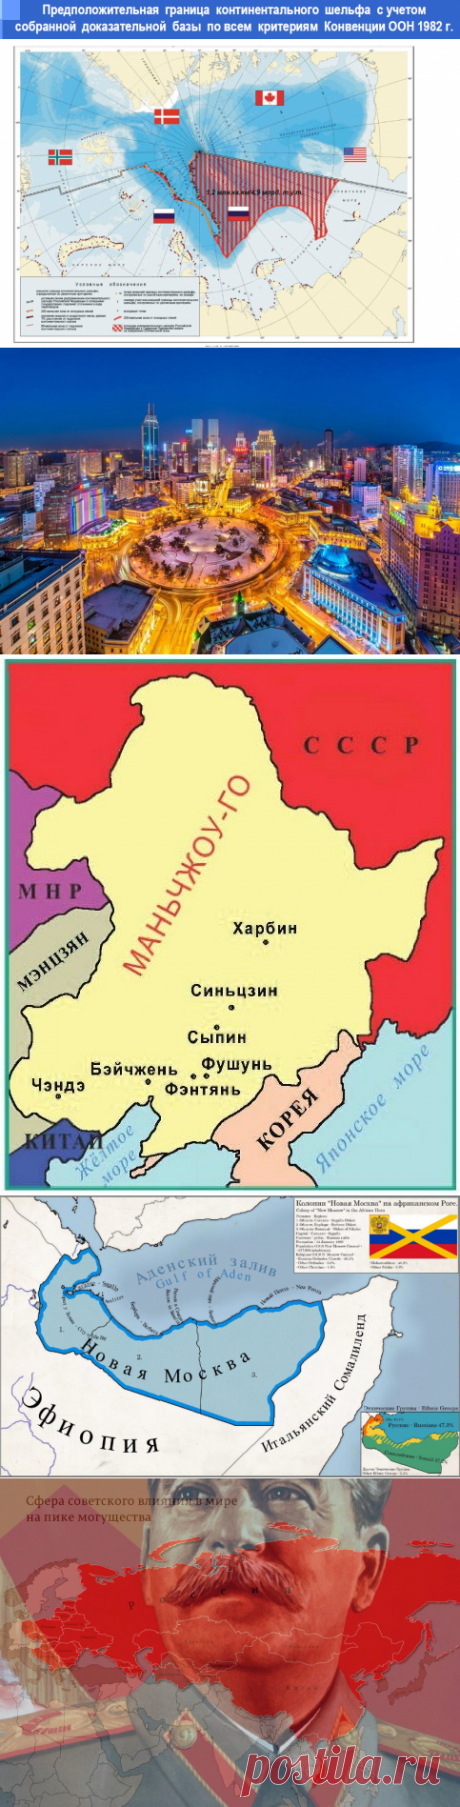 Идеальная модель Сталина: СССР должно принадлежать все то, чем владела Российская империя | Знаете ли вы, что... | Яндекс Дзен